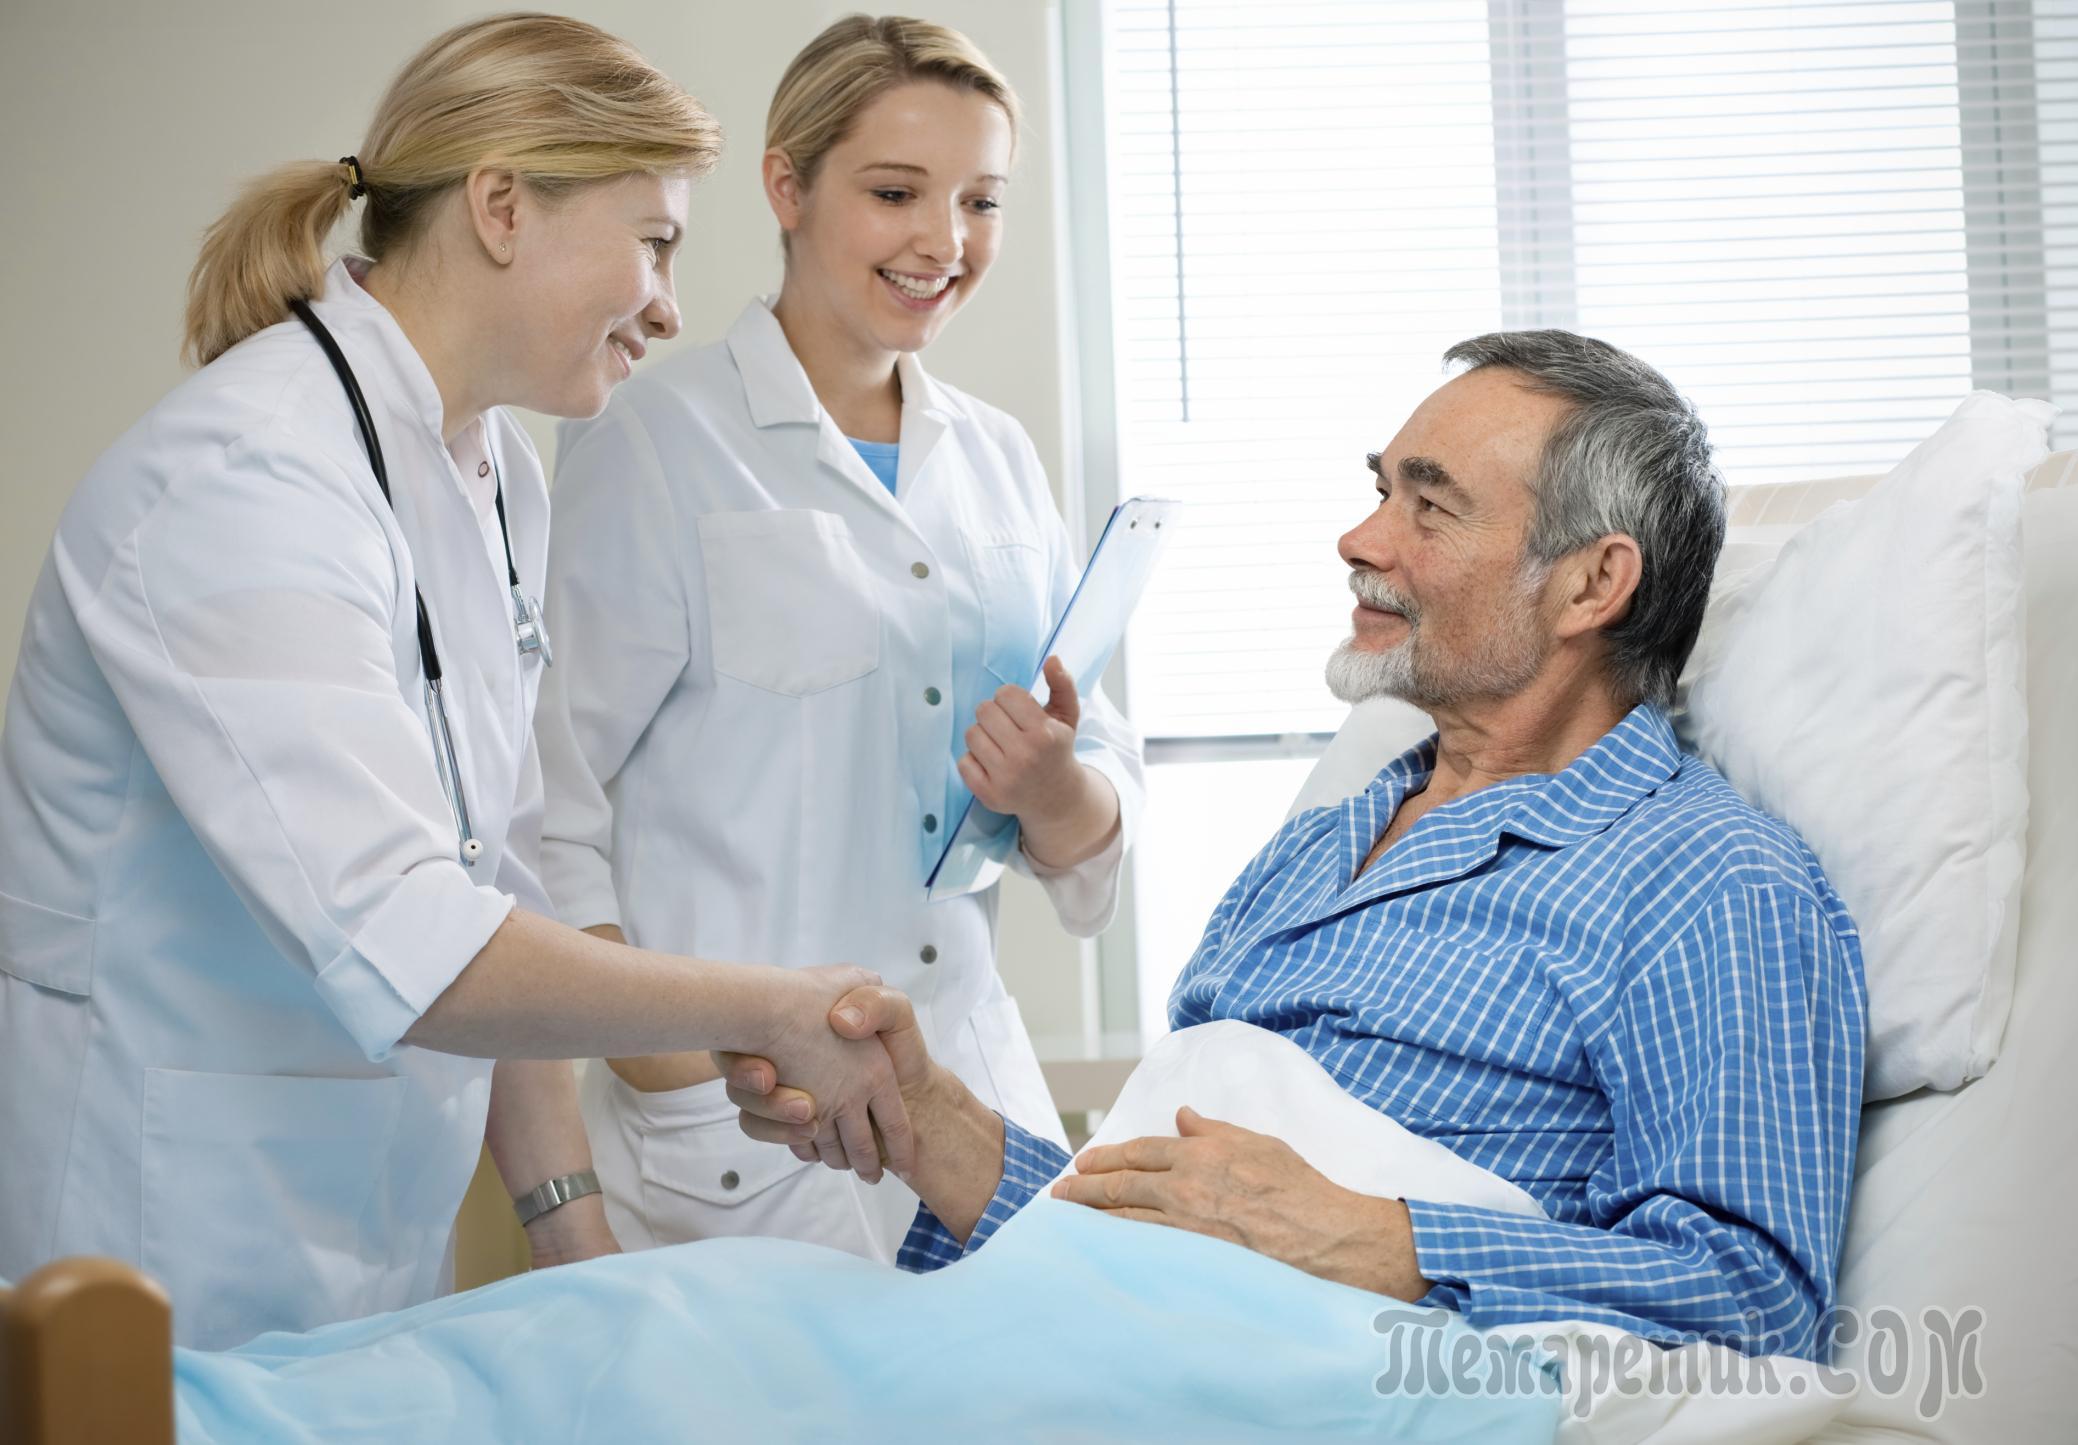 прочь, как лечь в больницу на полное обследование доставкой